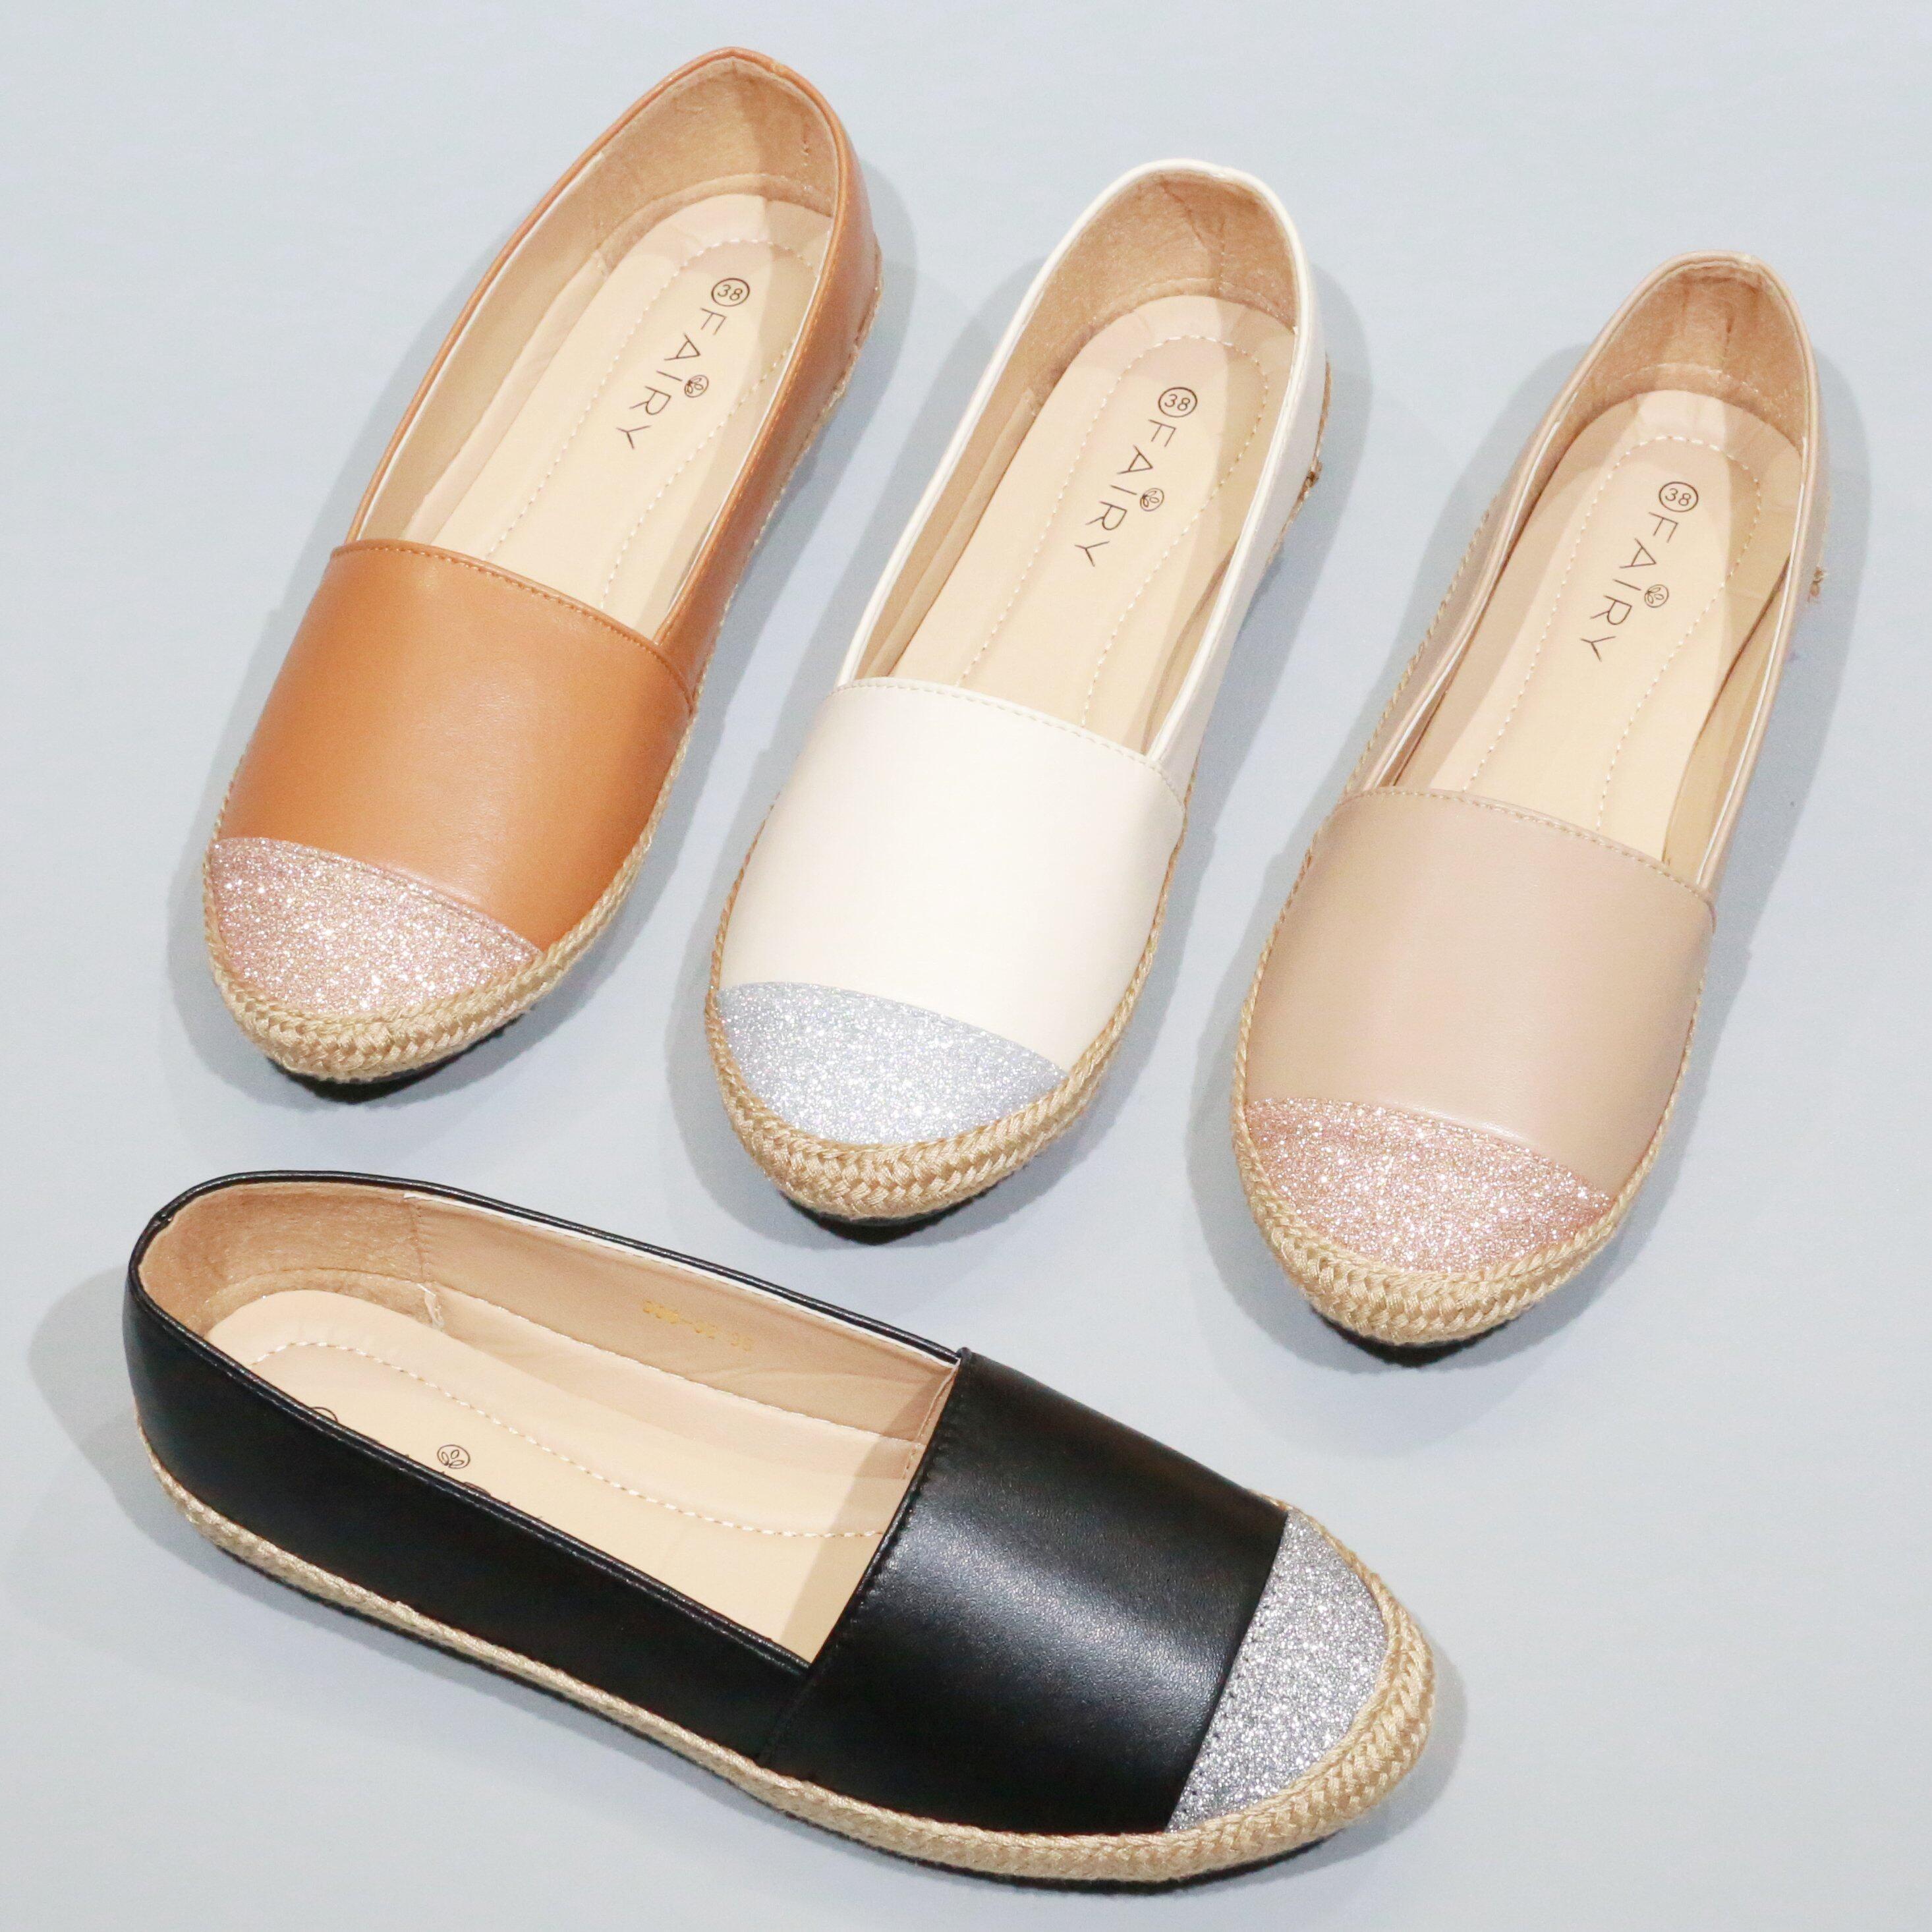 รองเท้าส้นแบน 999-32 รองเท้าหุ้มส้น พื้นนุ่มใส่สบาย.